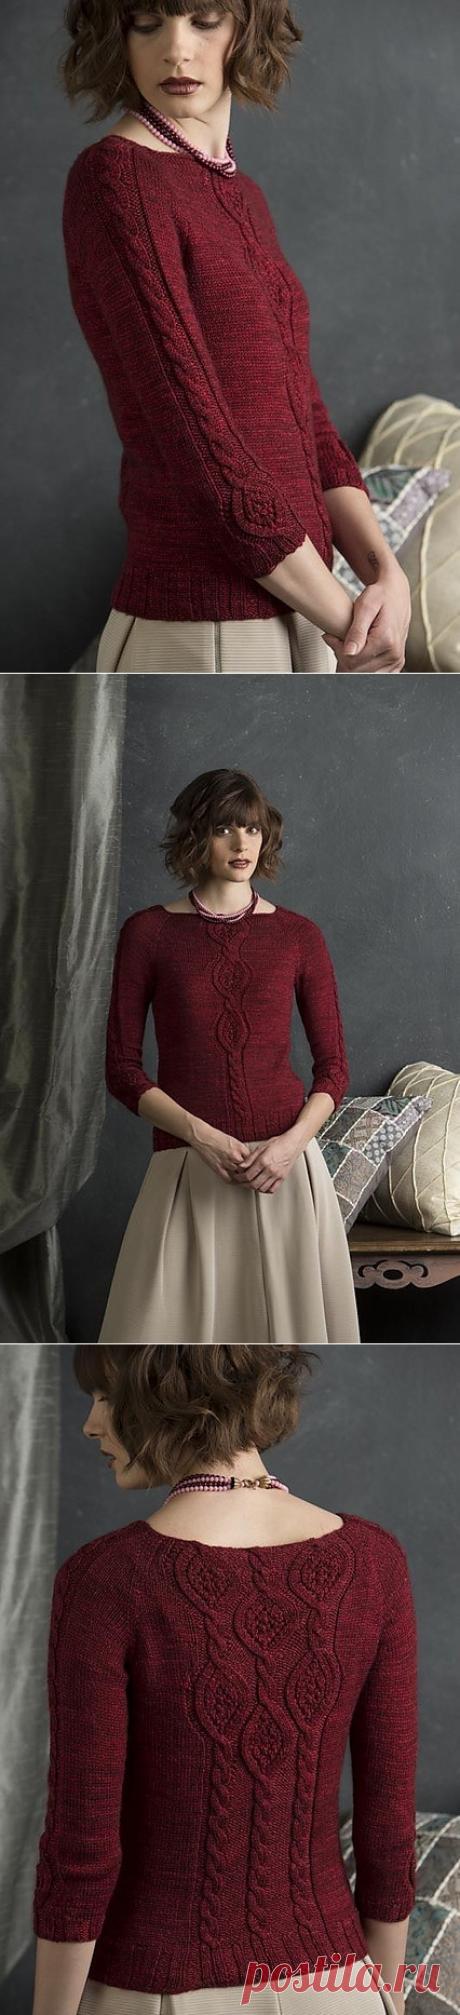 Бордовый пуловер, связанный спицами.